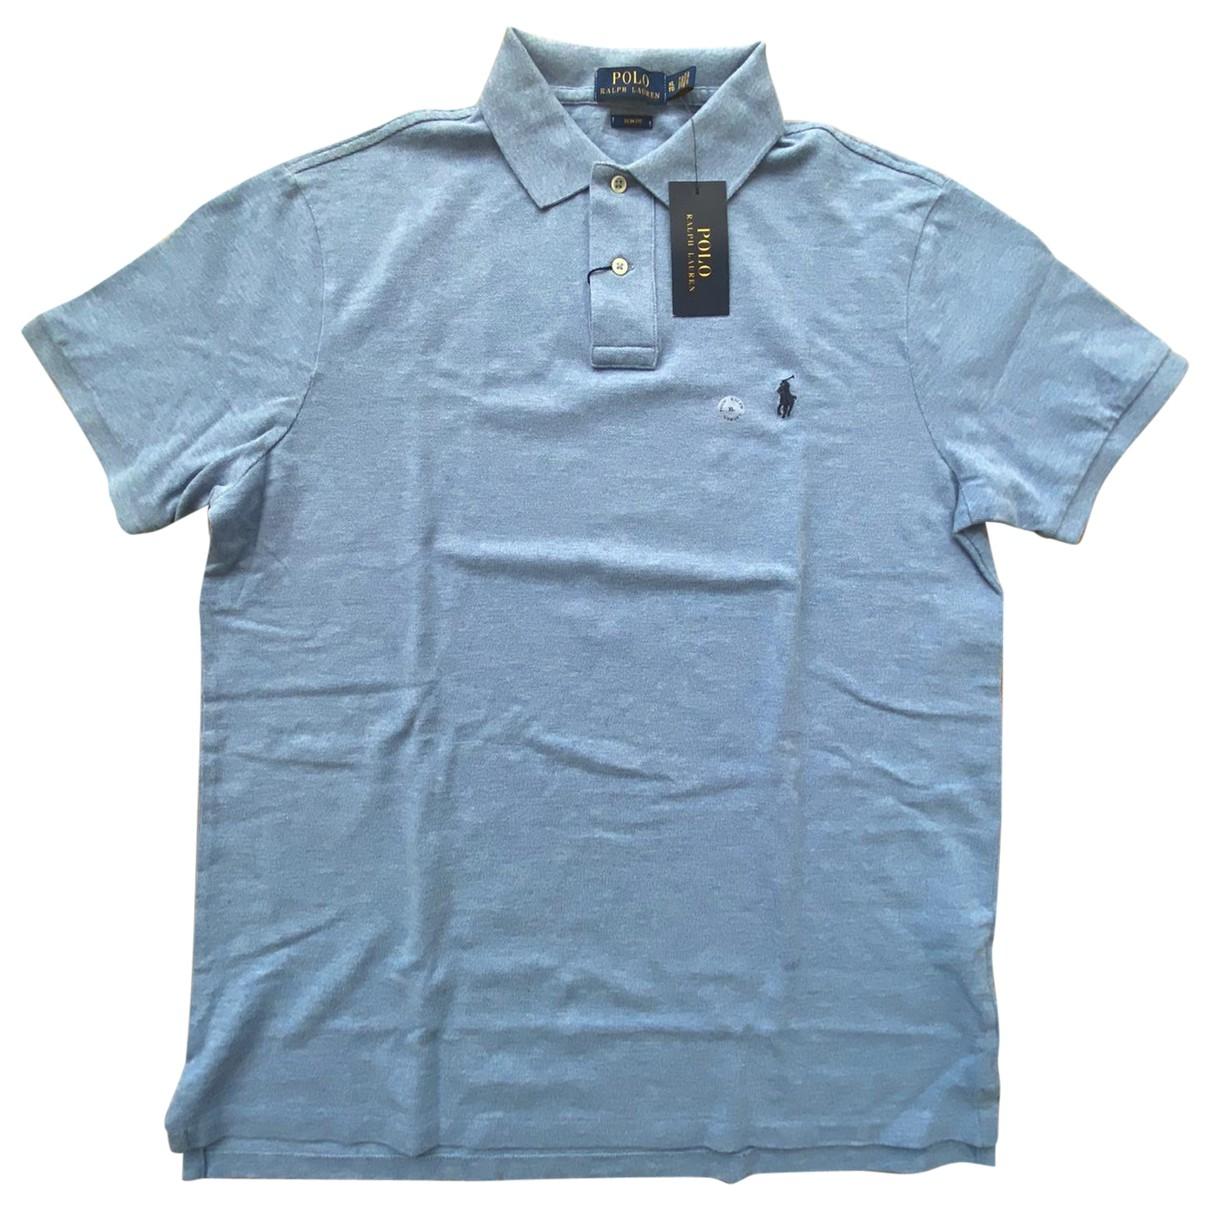 Polo Ralph Lauren - Polos Polo ajuste manches courtes pour homme en coton - bleu